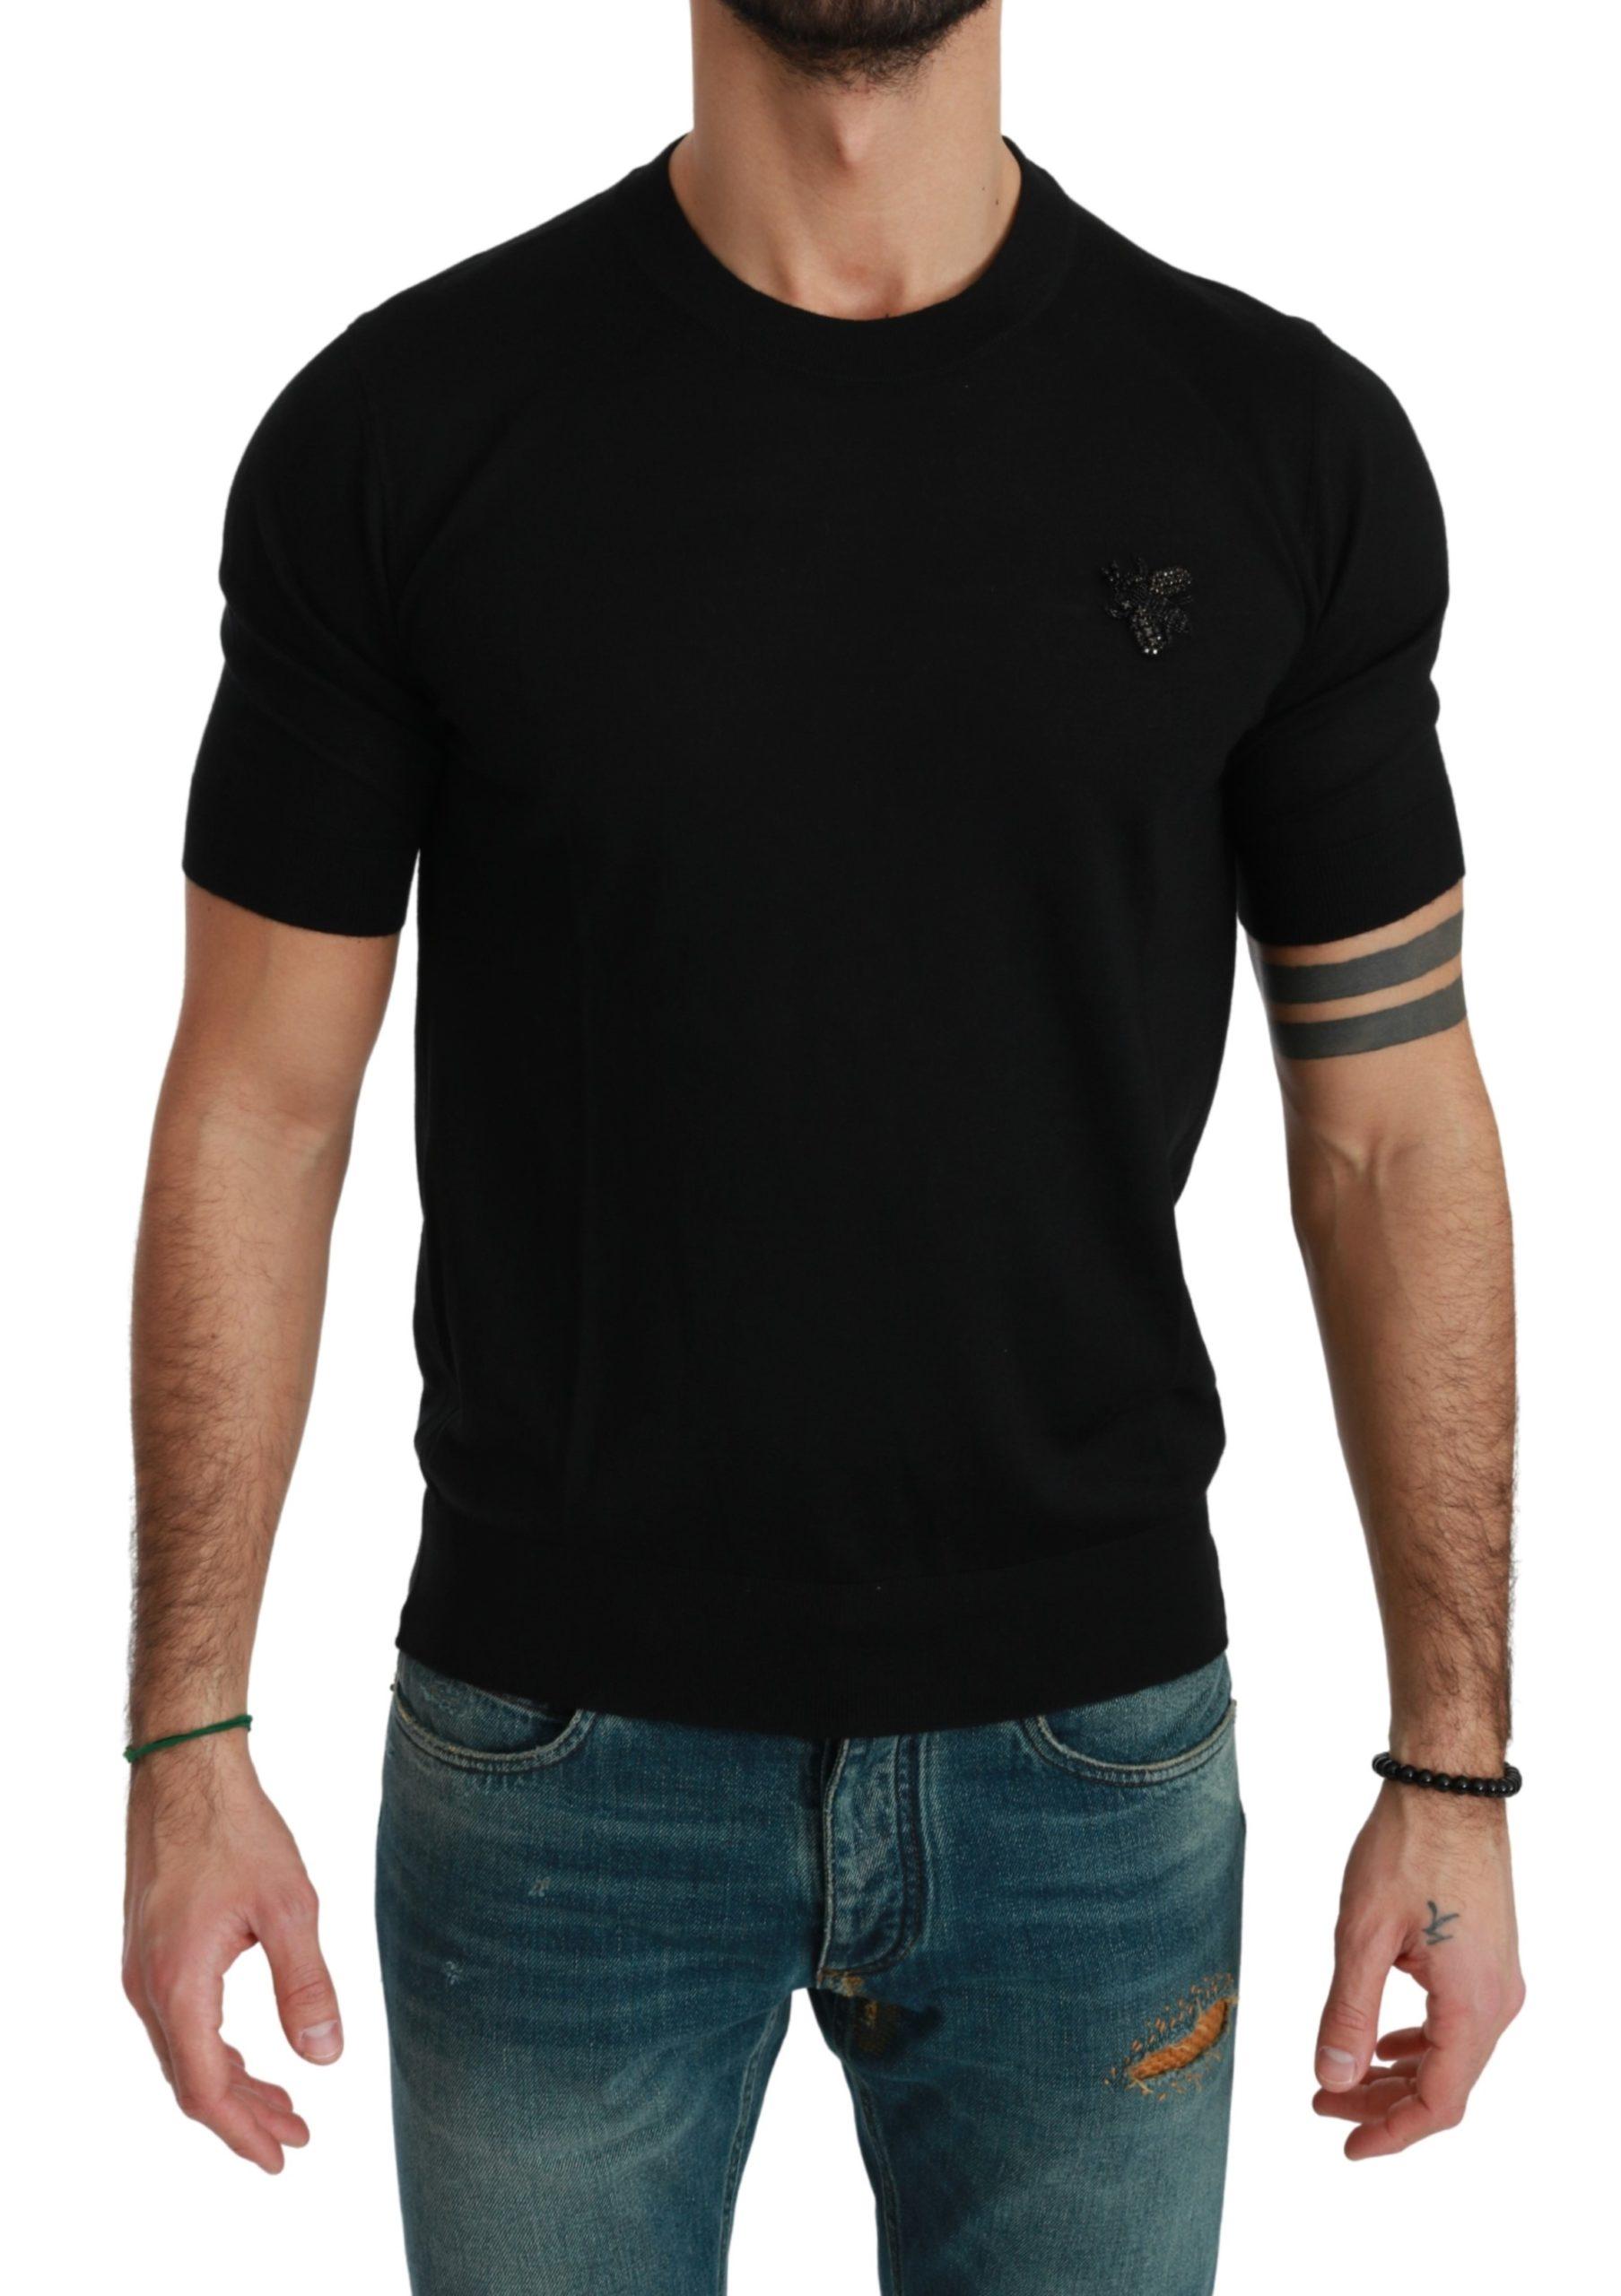 Dolce & Gabbana Men's Bee Embellished Cashmere T-Shirt Black TSH4569 - IT46 | S